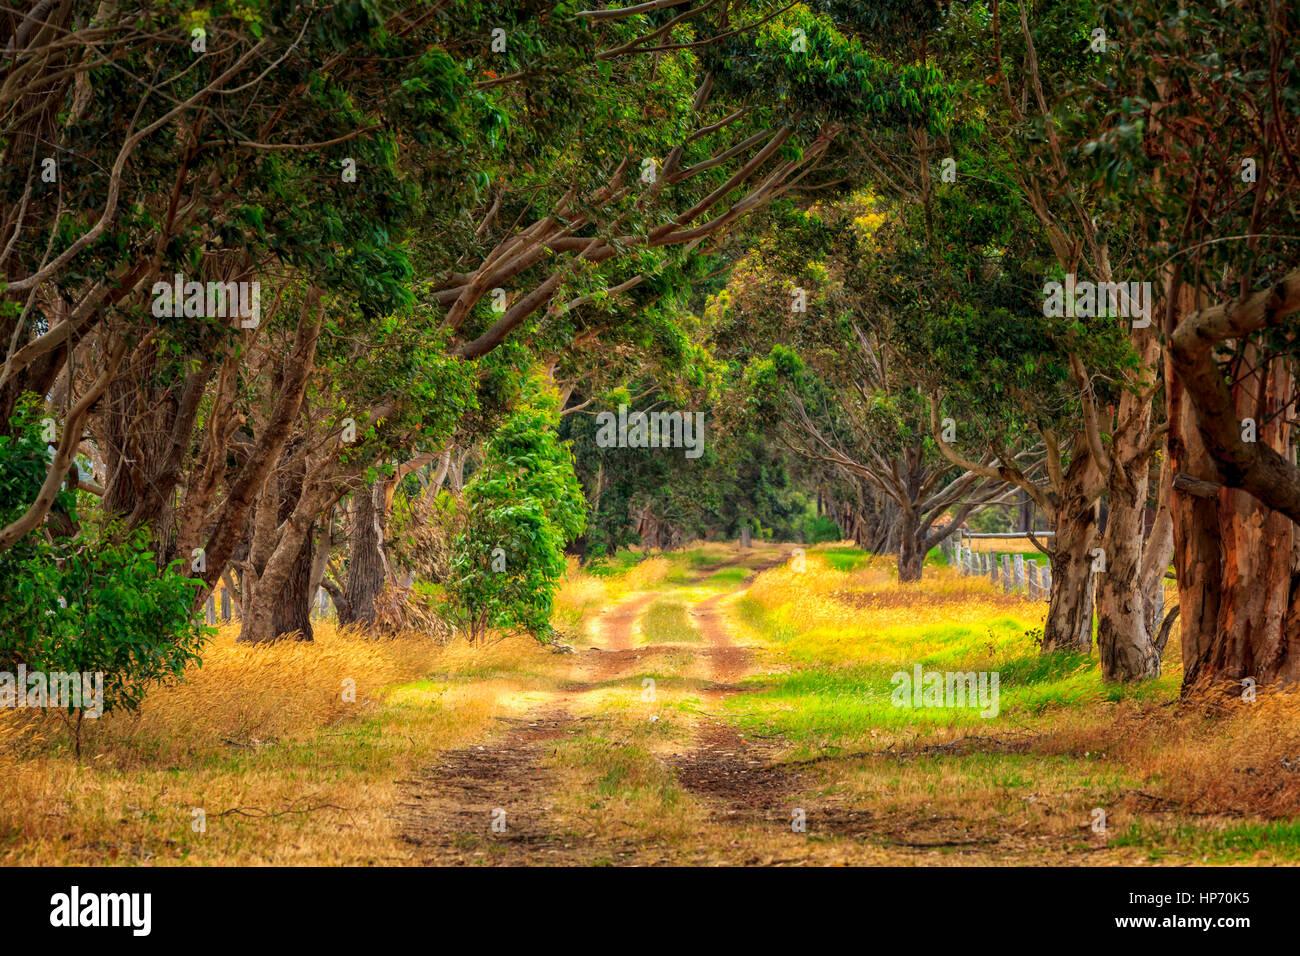 Fattoria rurale Road nel sud-ovest del Western Australia Immagini Stock